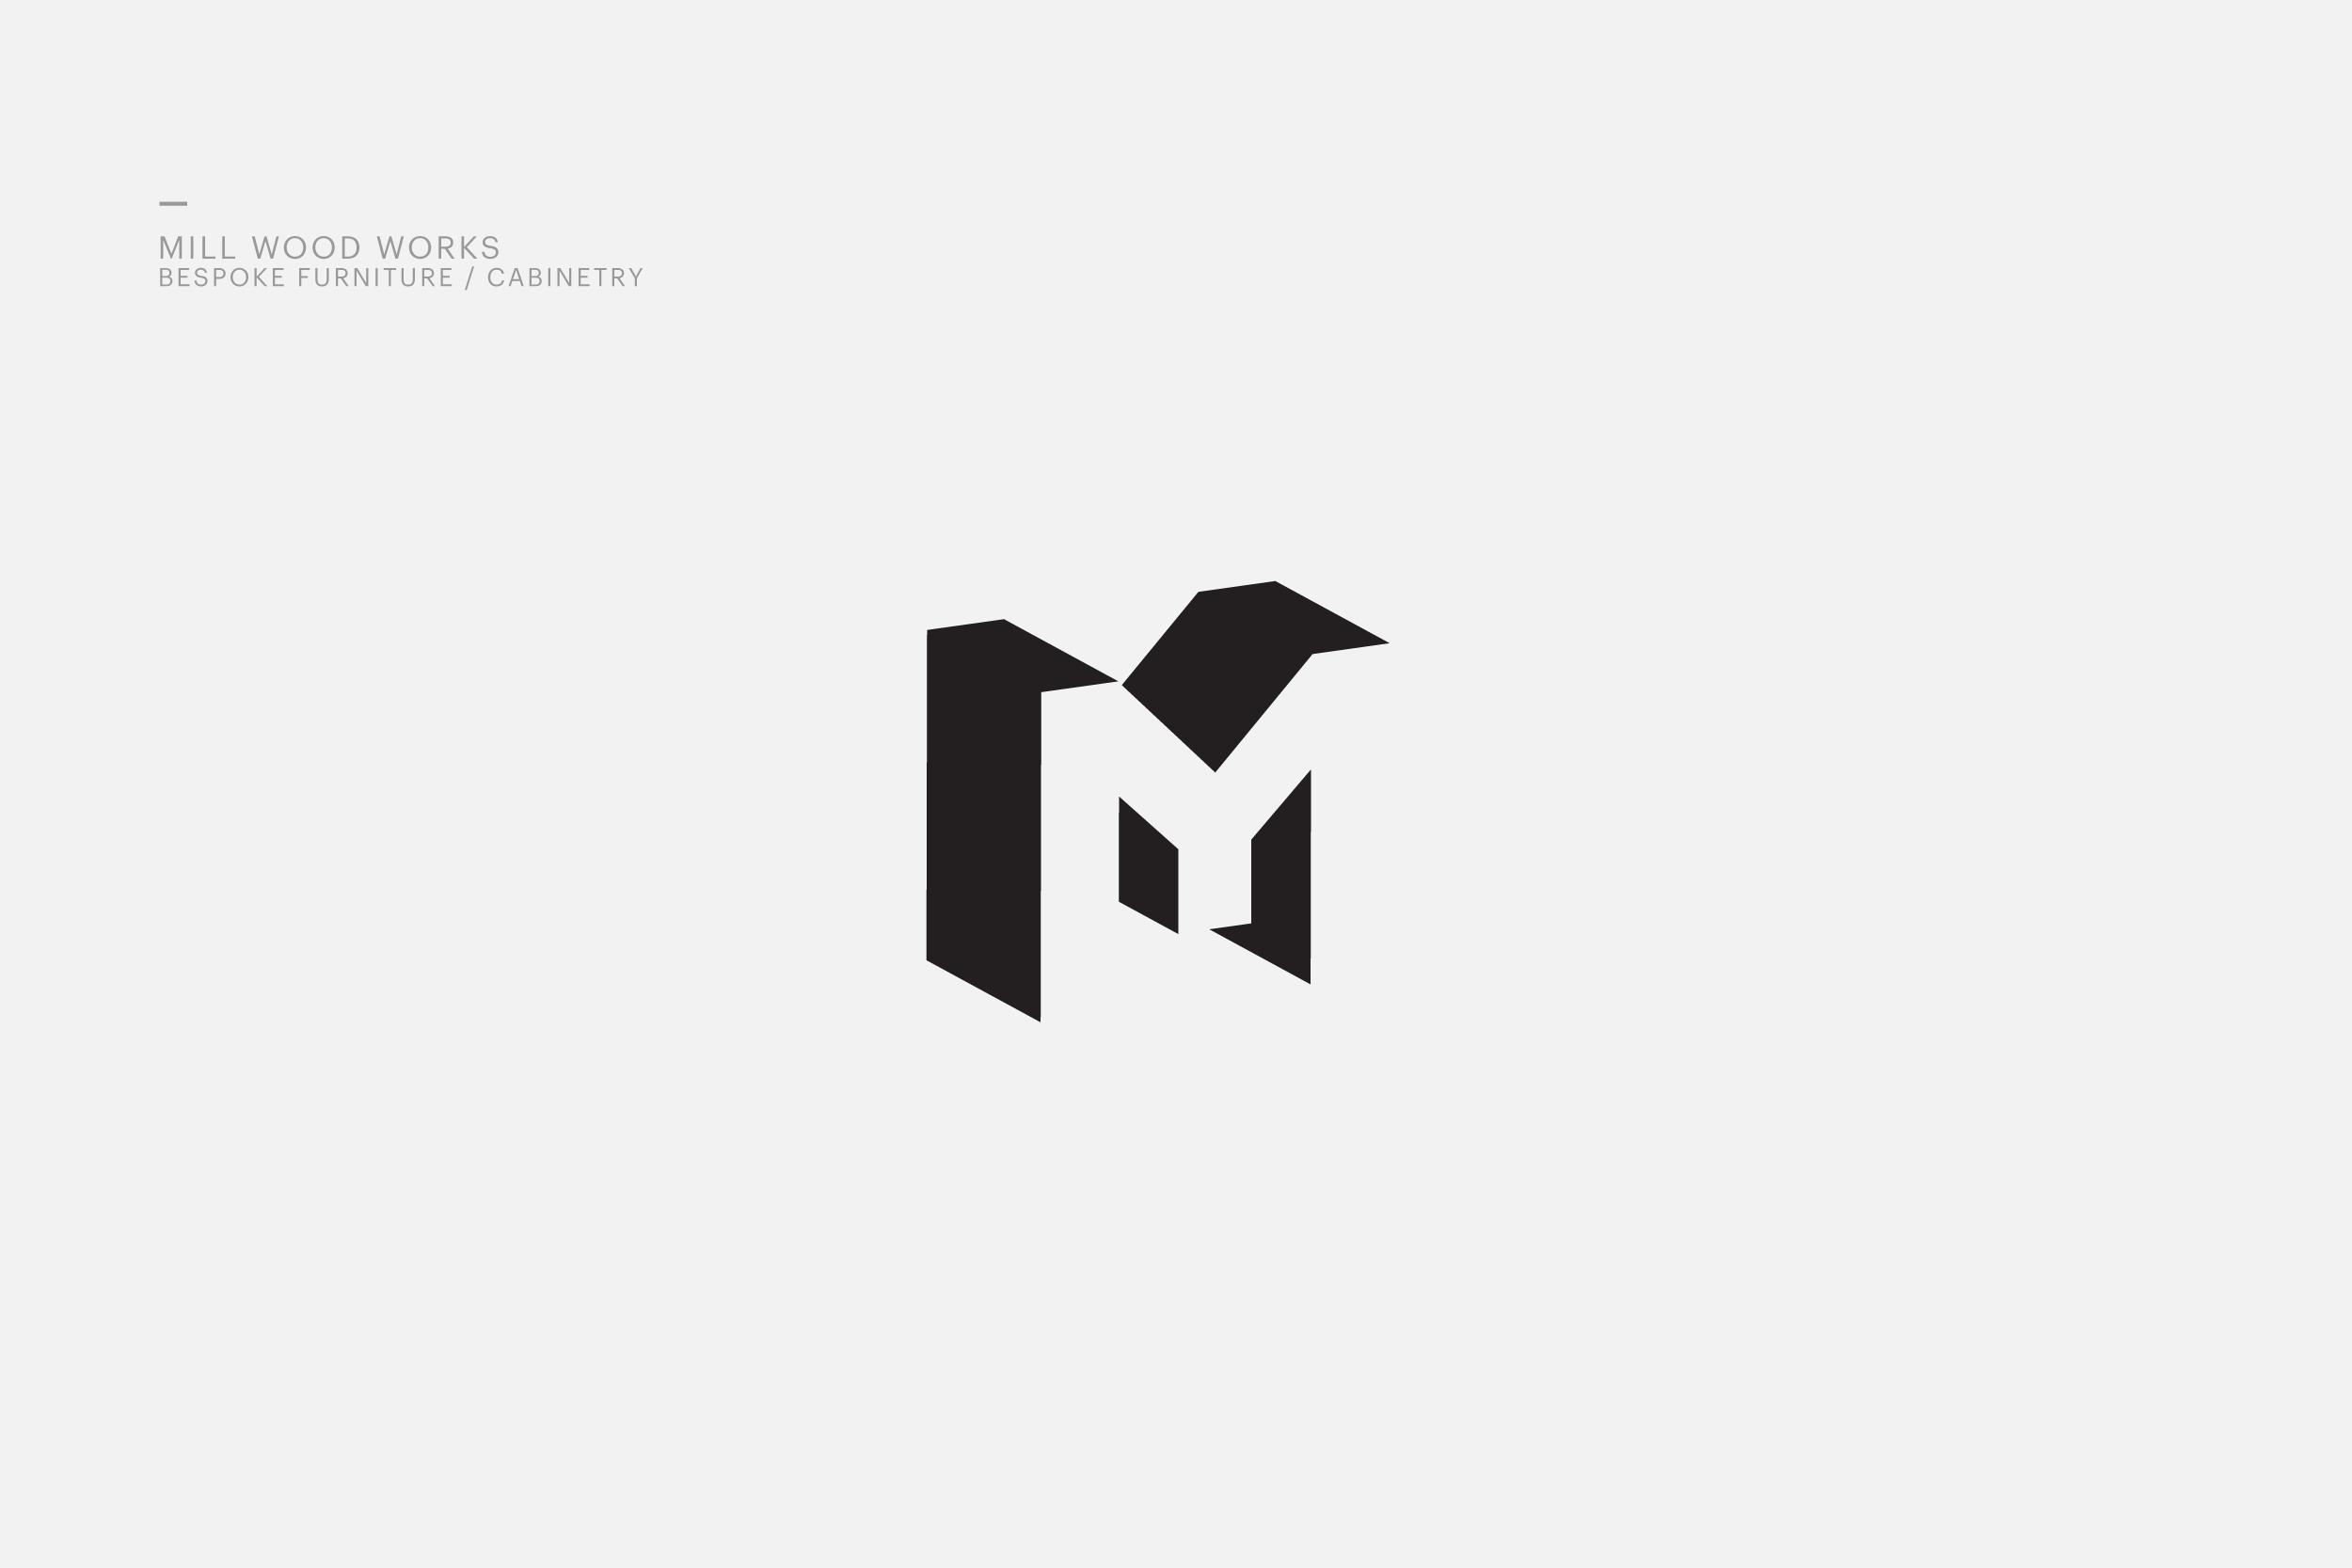 Logos_Final_11